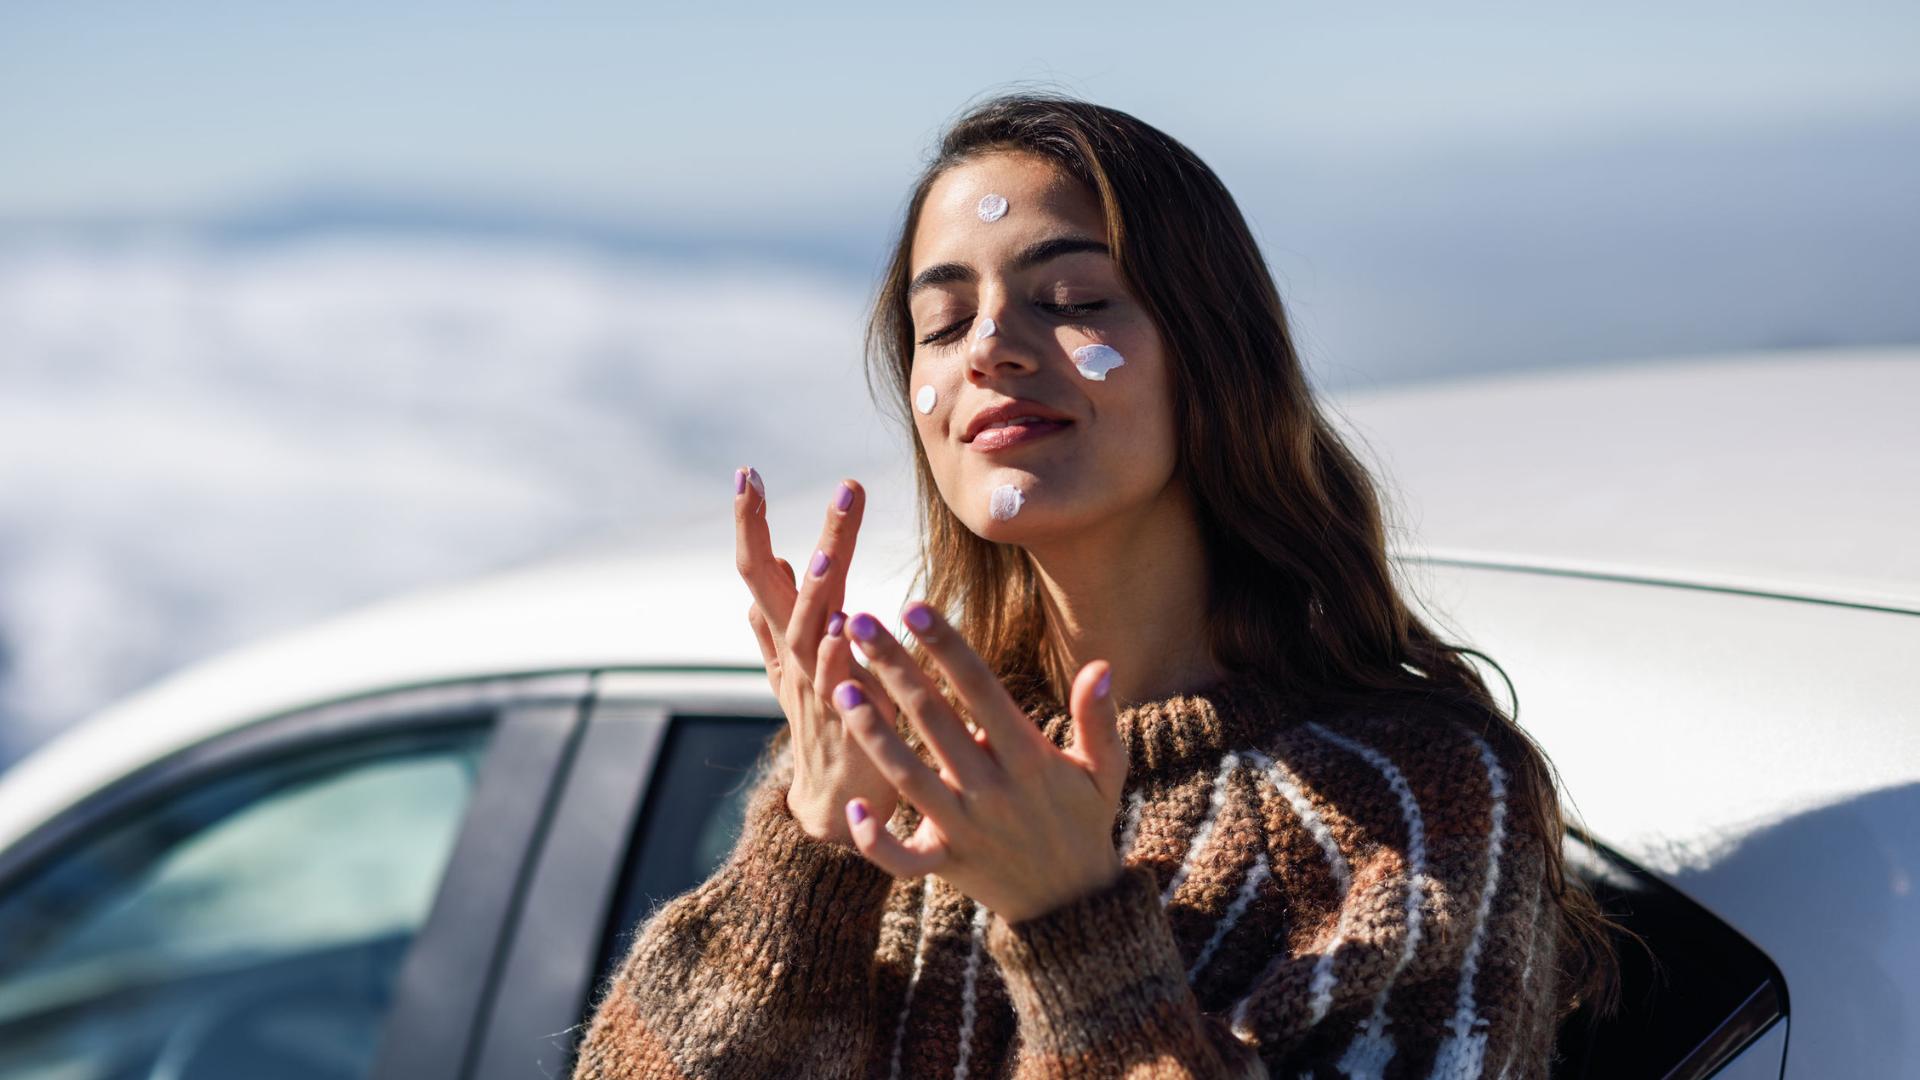 Maquíllate cada día, sea verano o invierno, con protección solar